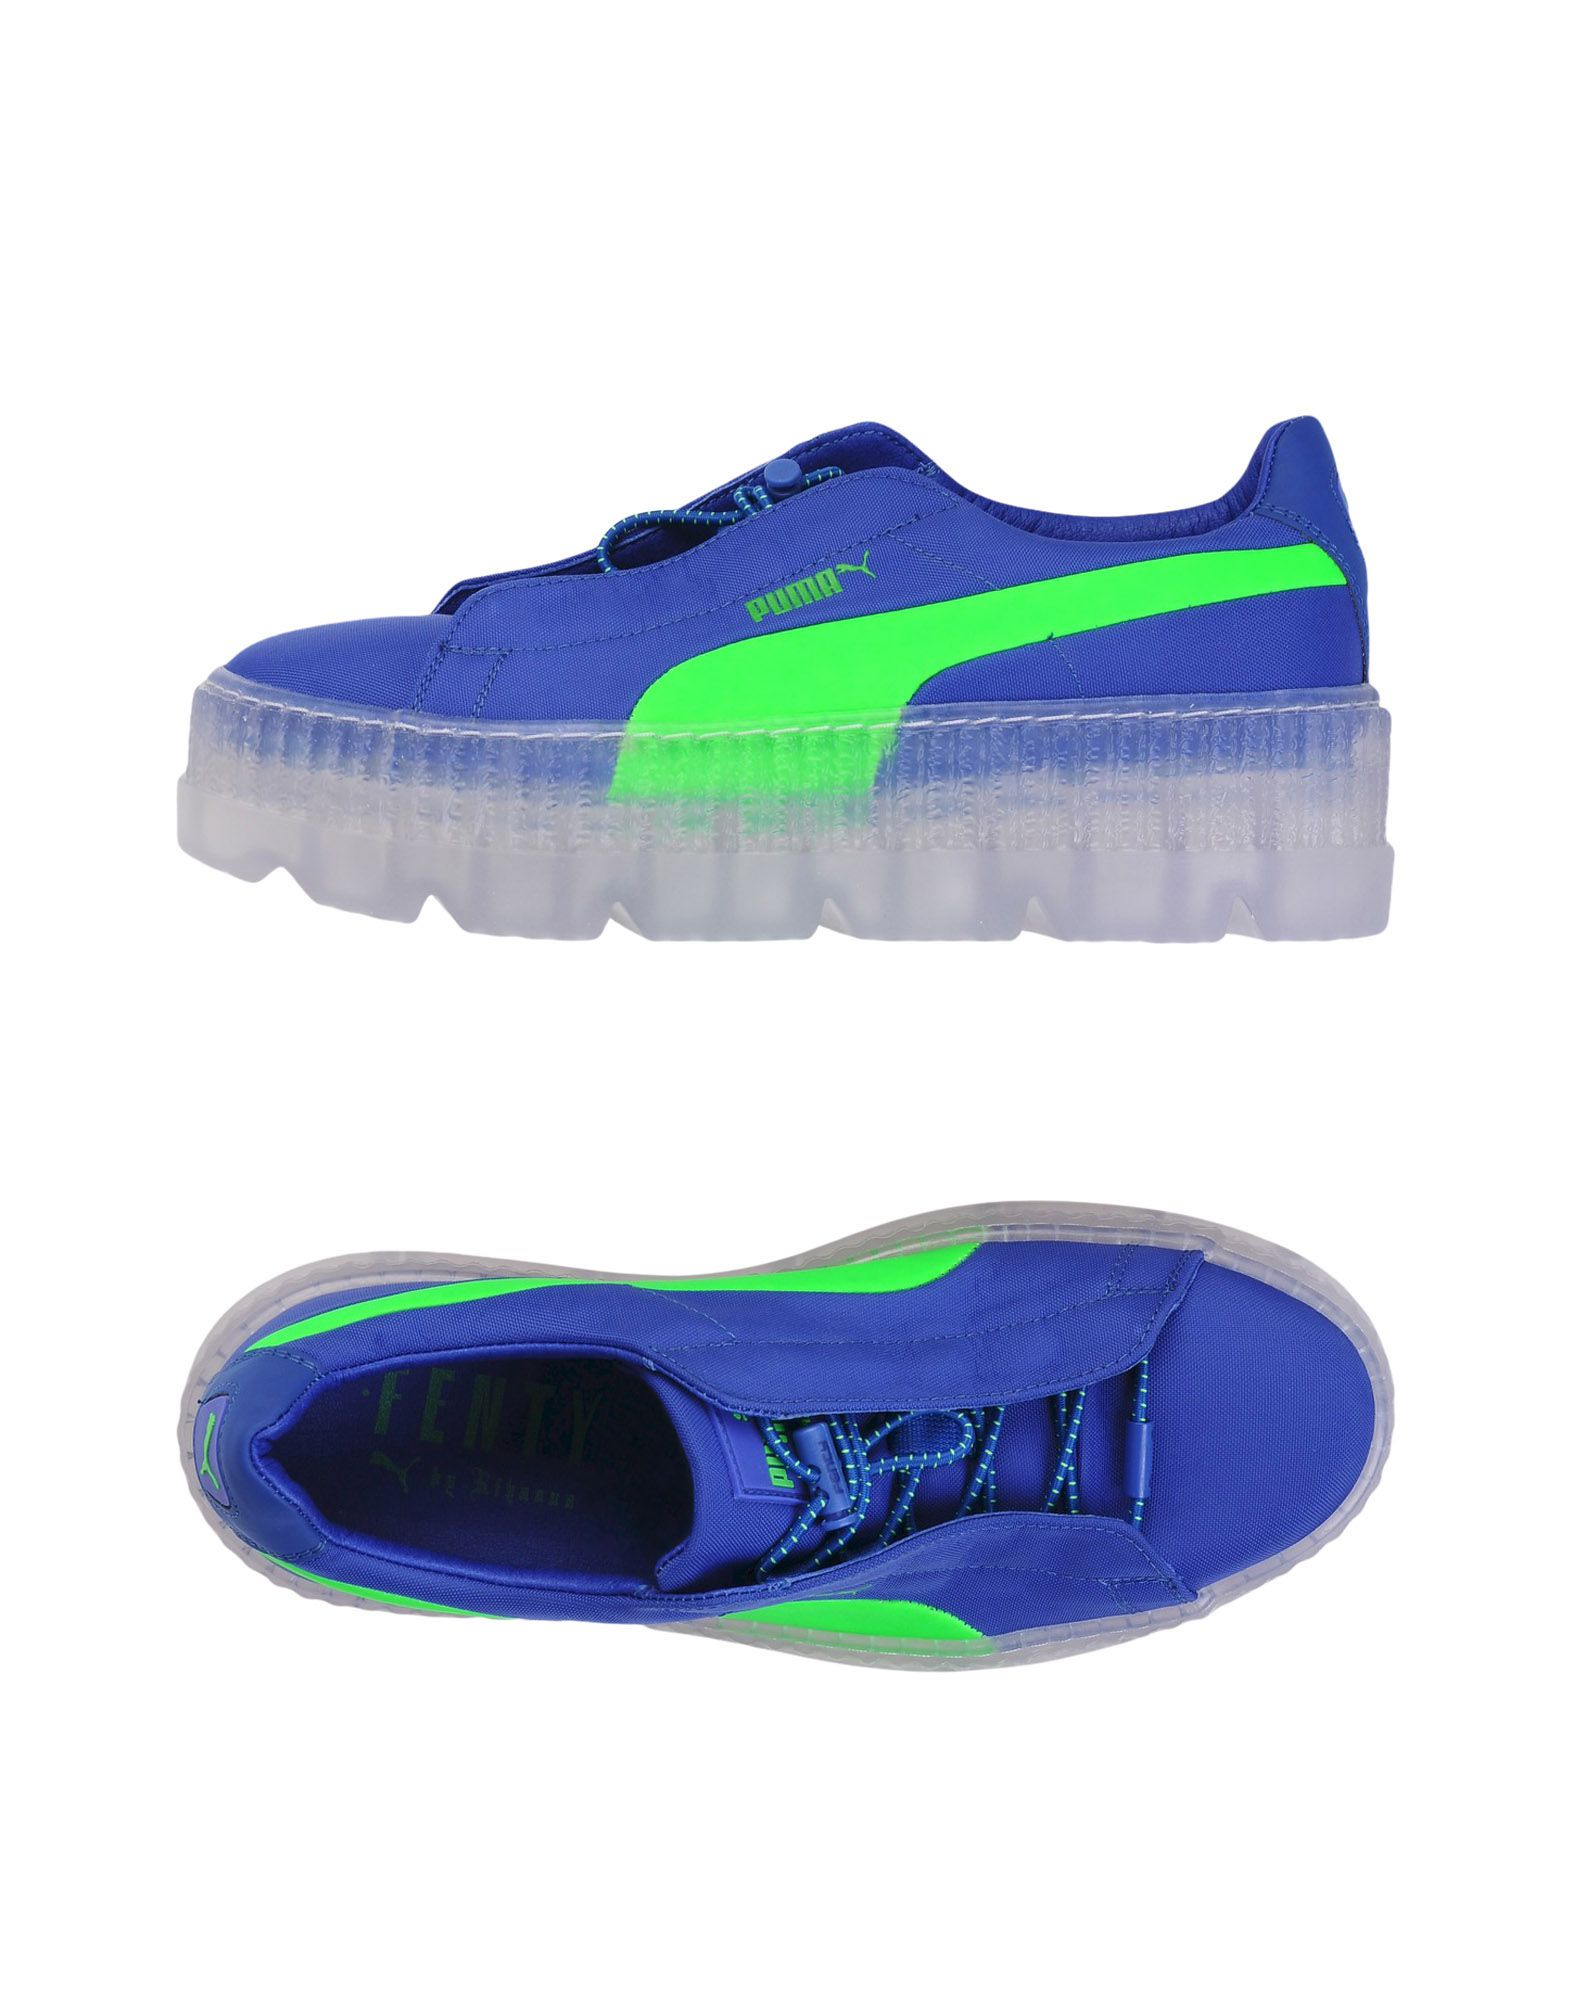 innovative design a7f6b f04c8 FENTY PUMA by RIHANNA Sneakers - Footwear   YOOX.COM